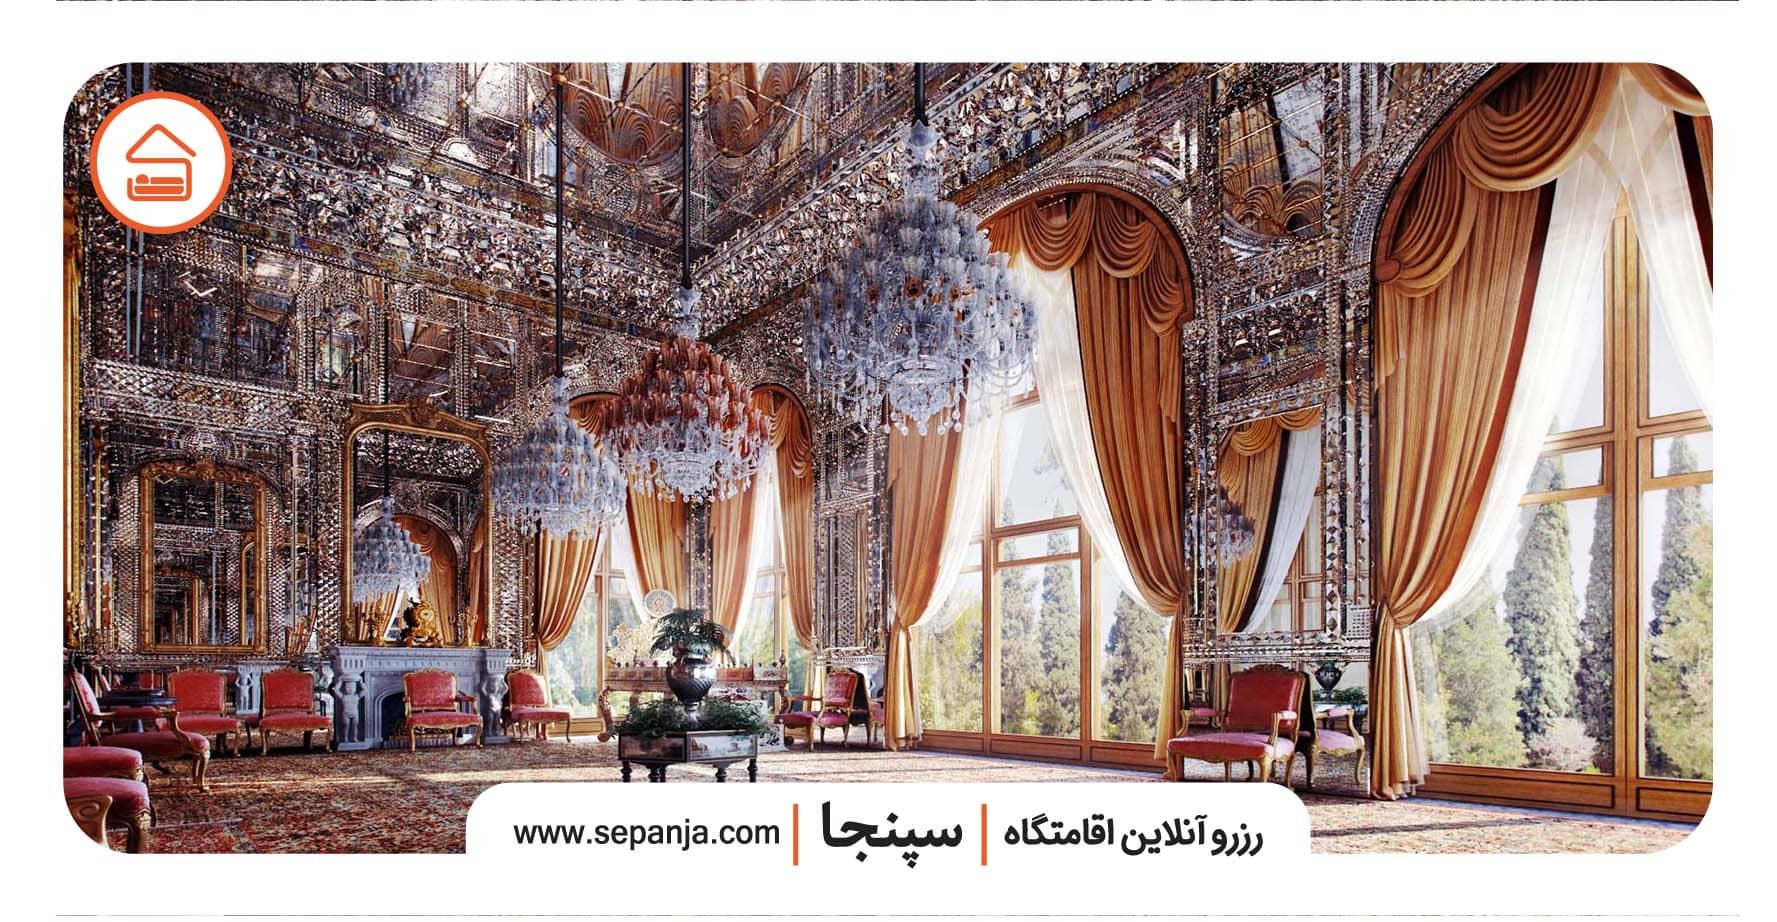 کاخ گلستان از بهترین جاهای دیدنی تهران